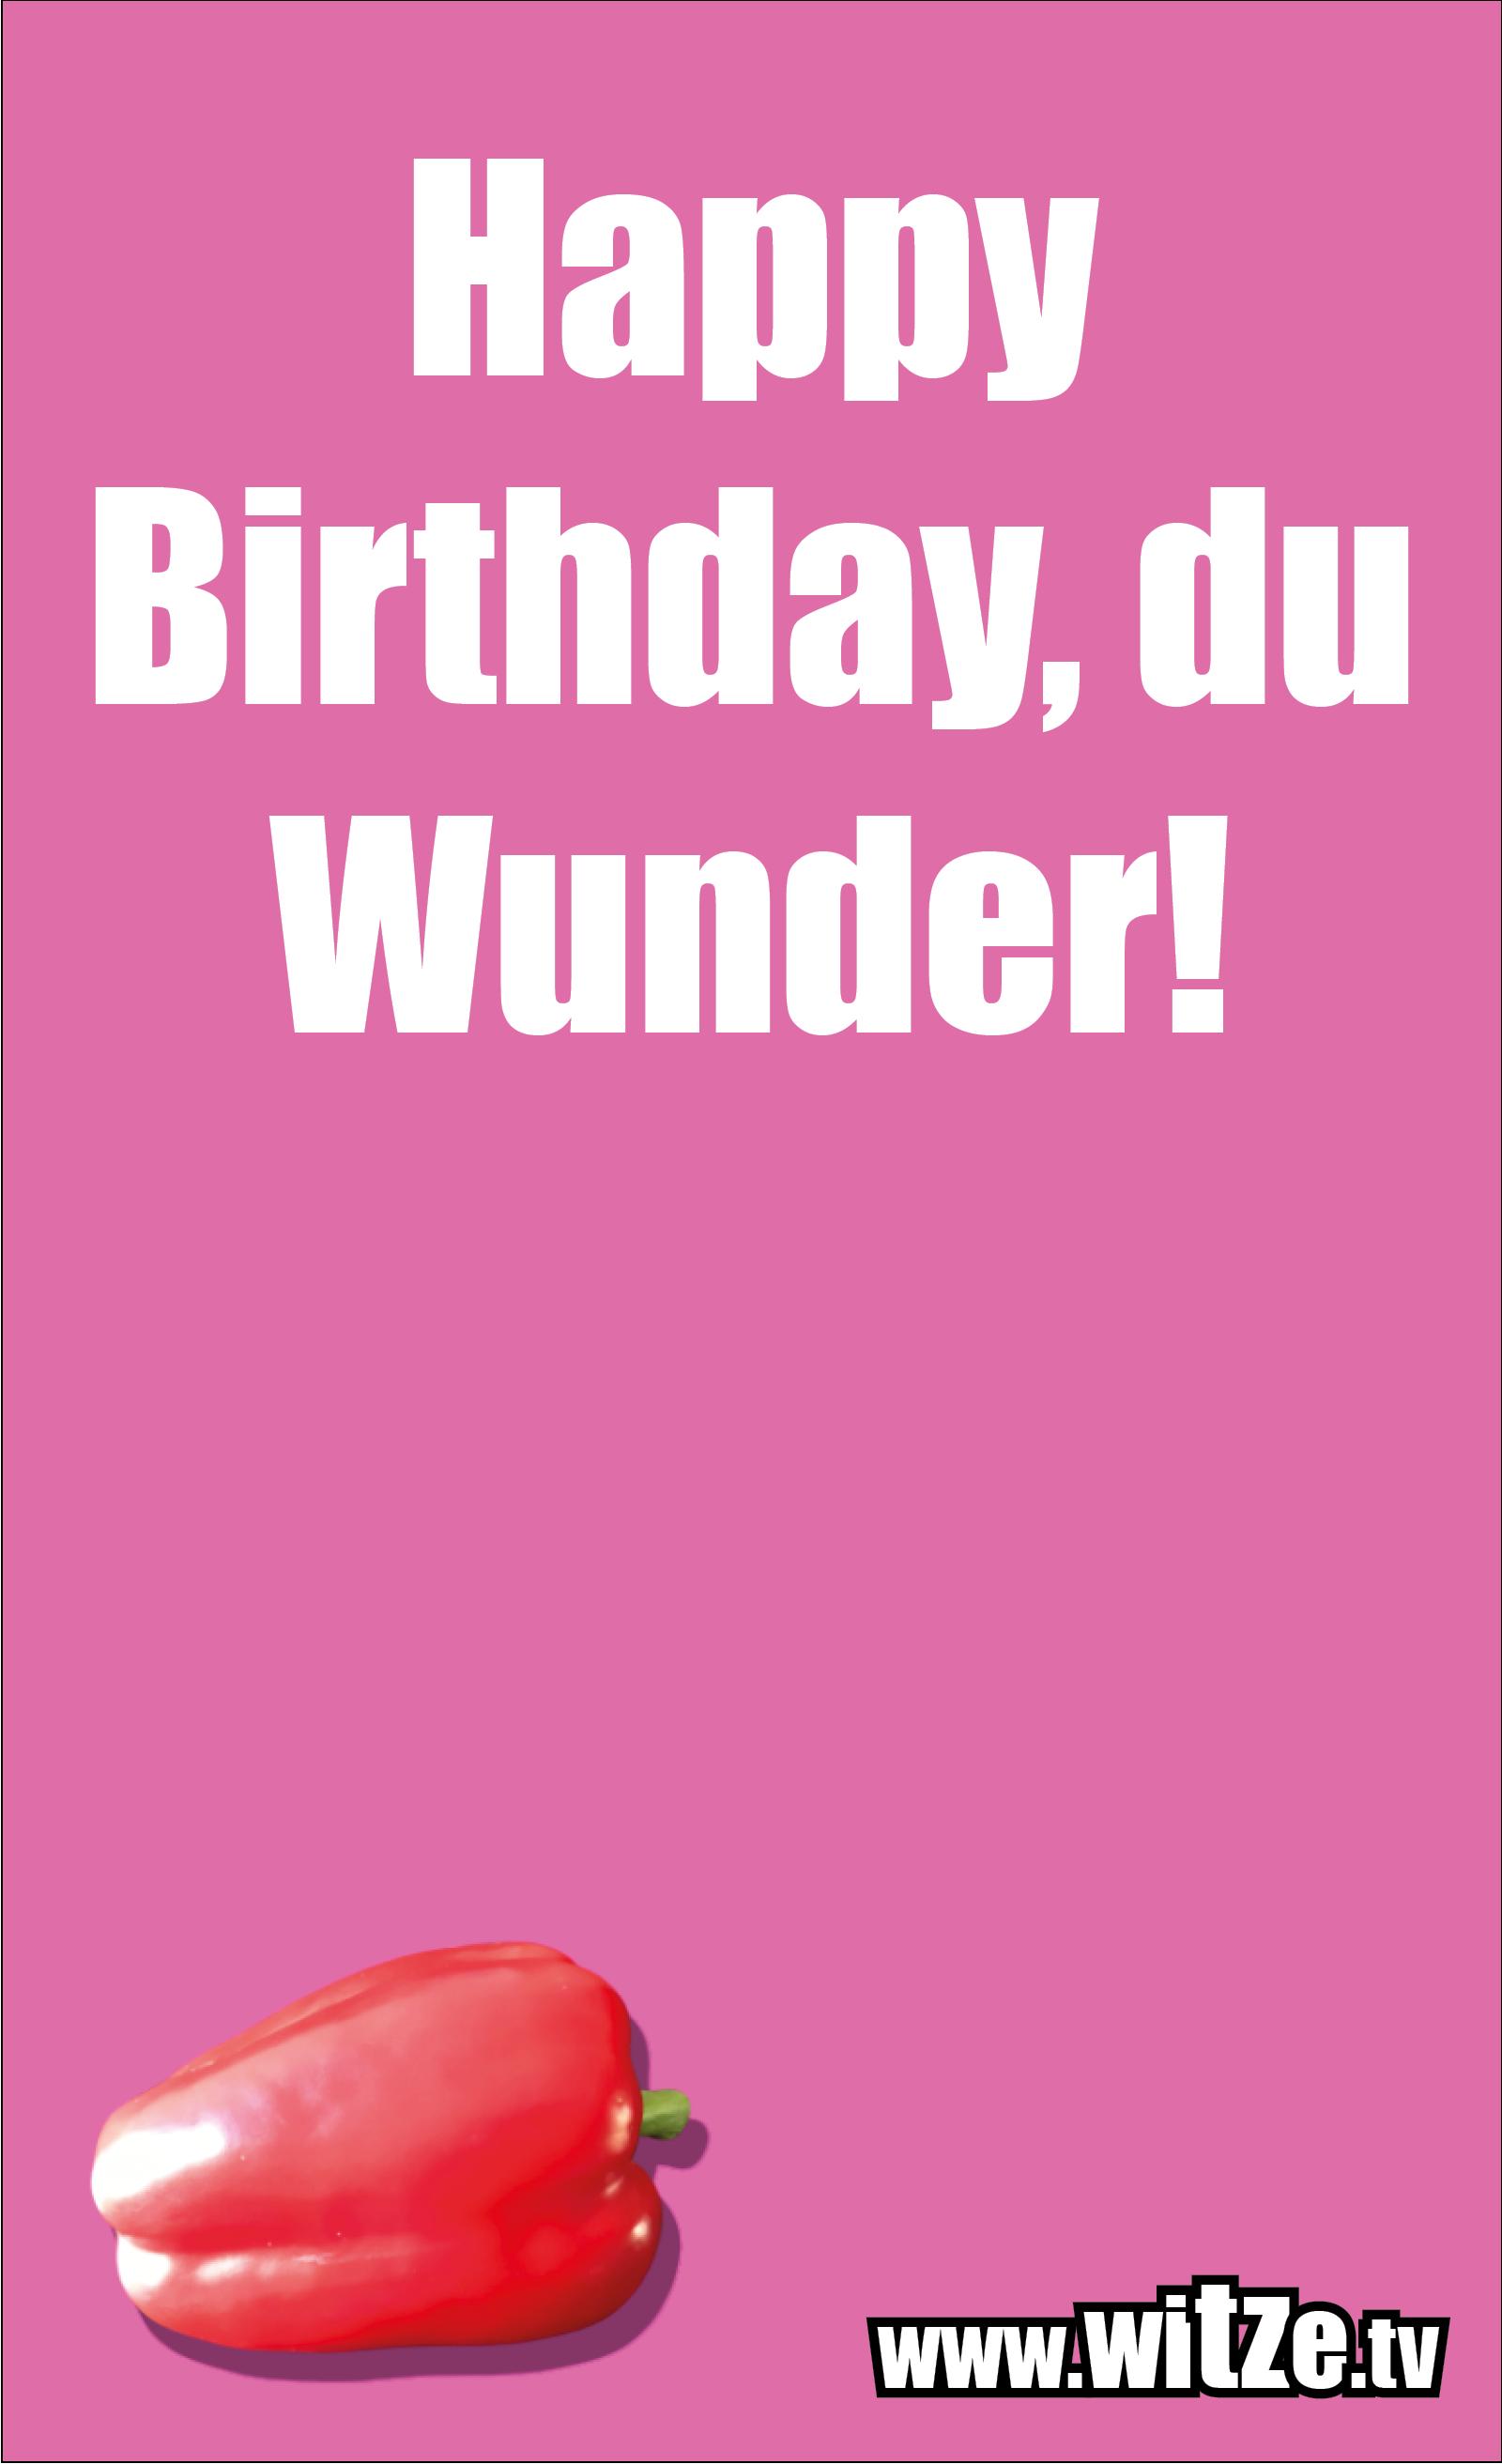 Lustige Geburtstagswünsche: Happy Birthday, du Wunder!